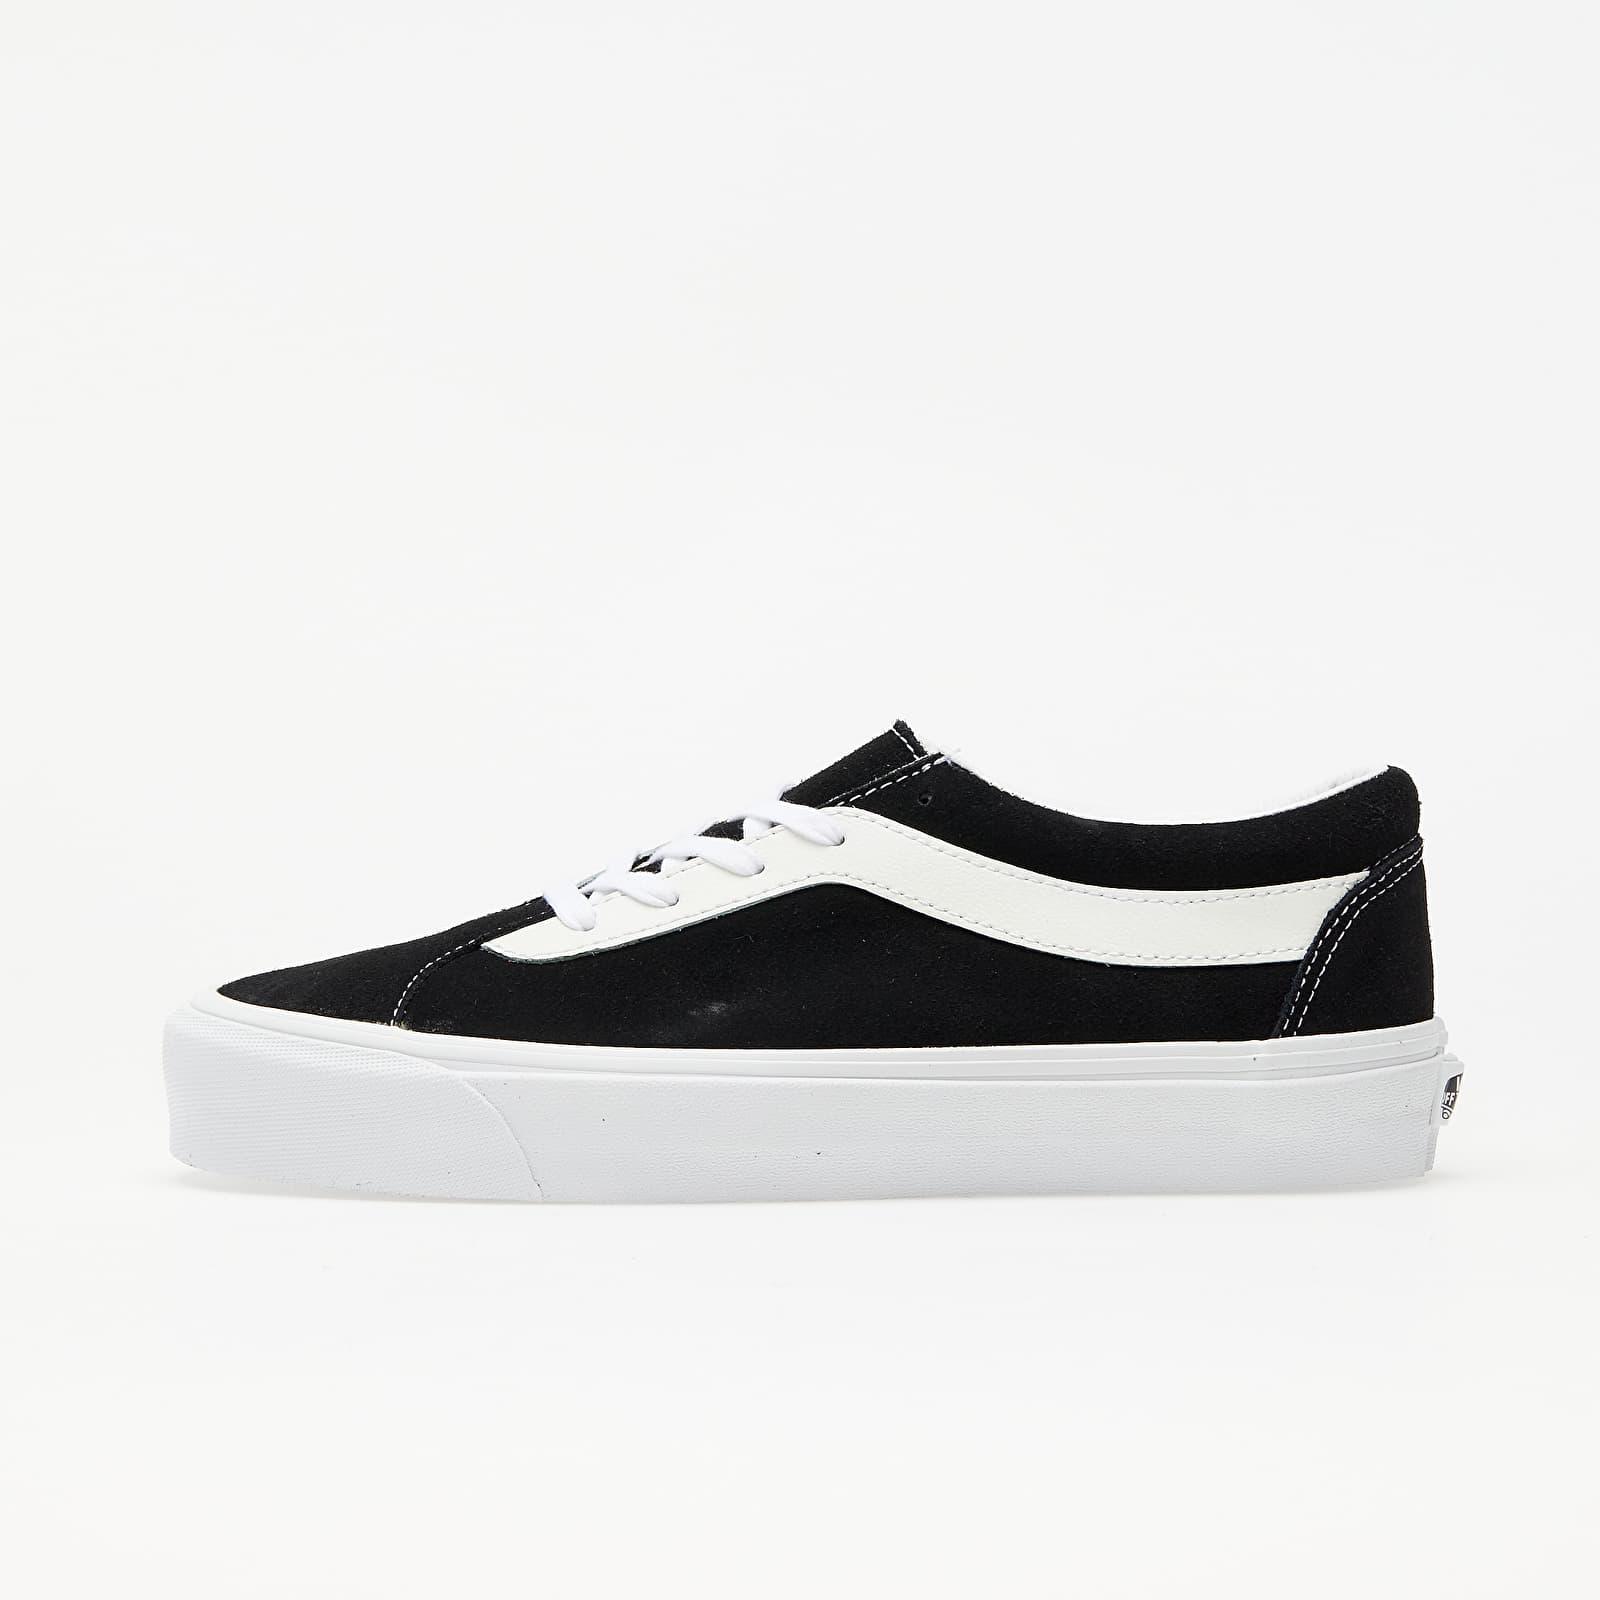 Încălțăminte și sneakerși pentru bărbați Vans Bold Ni (Staple) Black/ True White